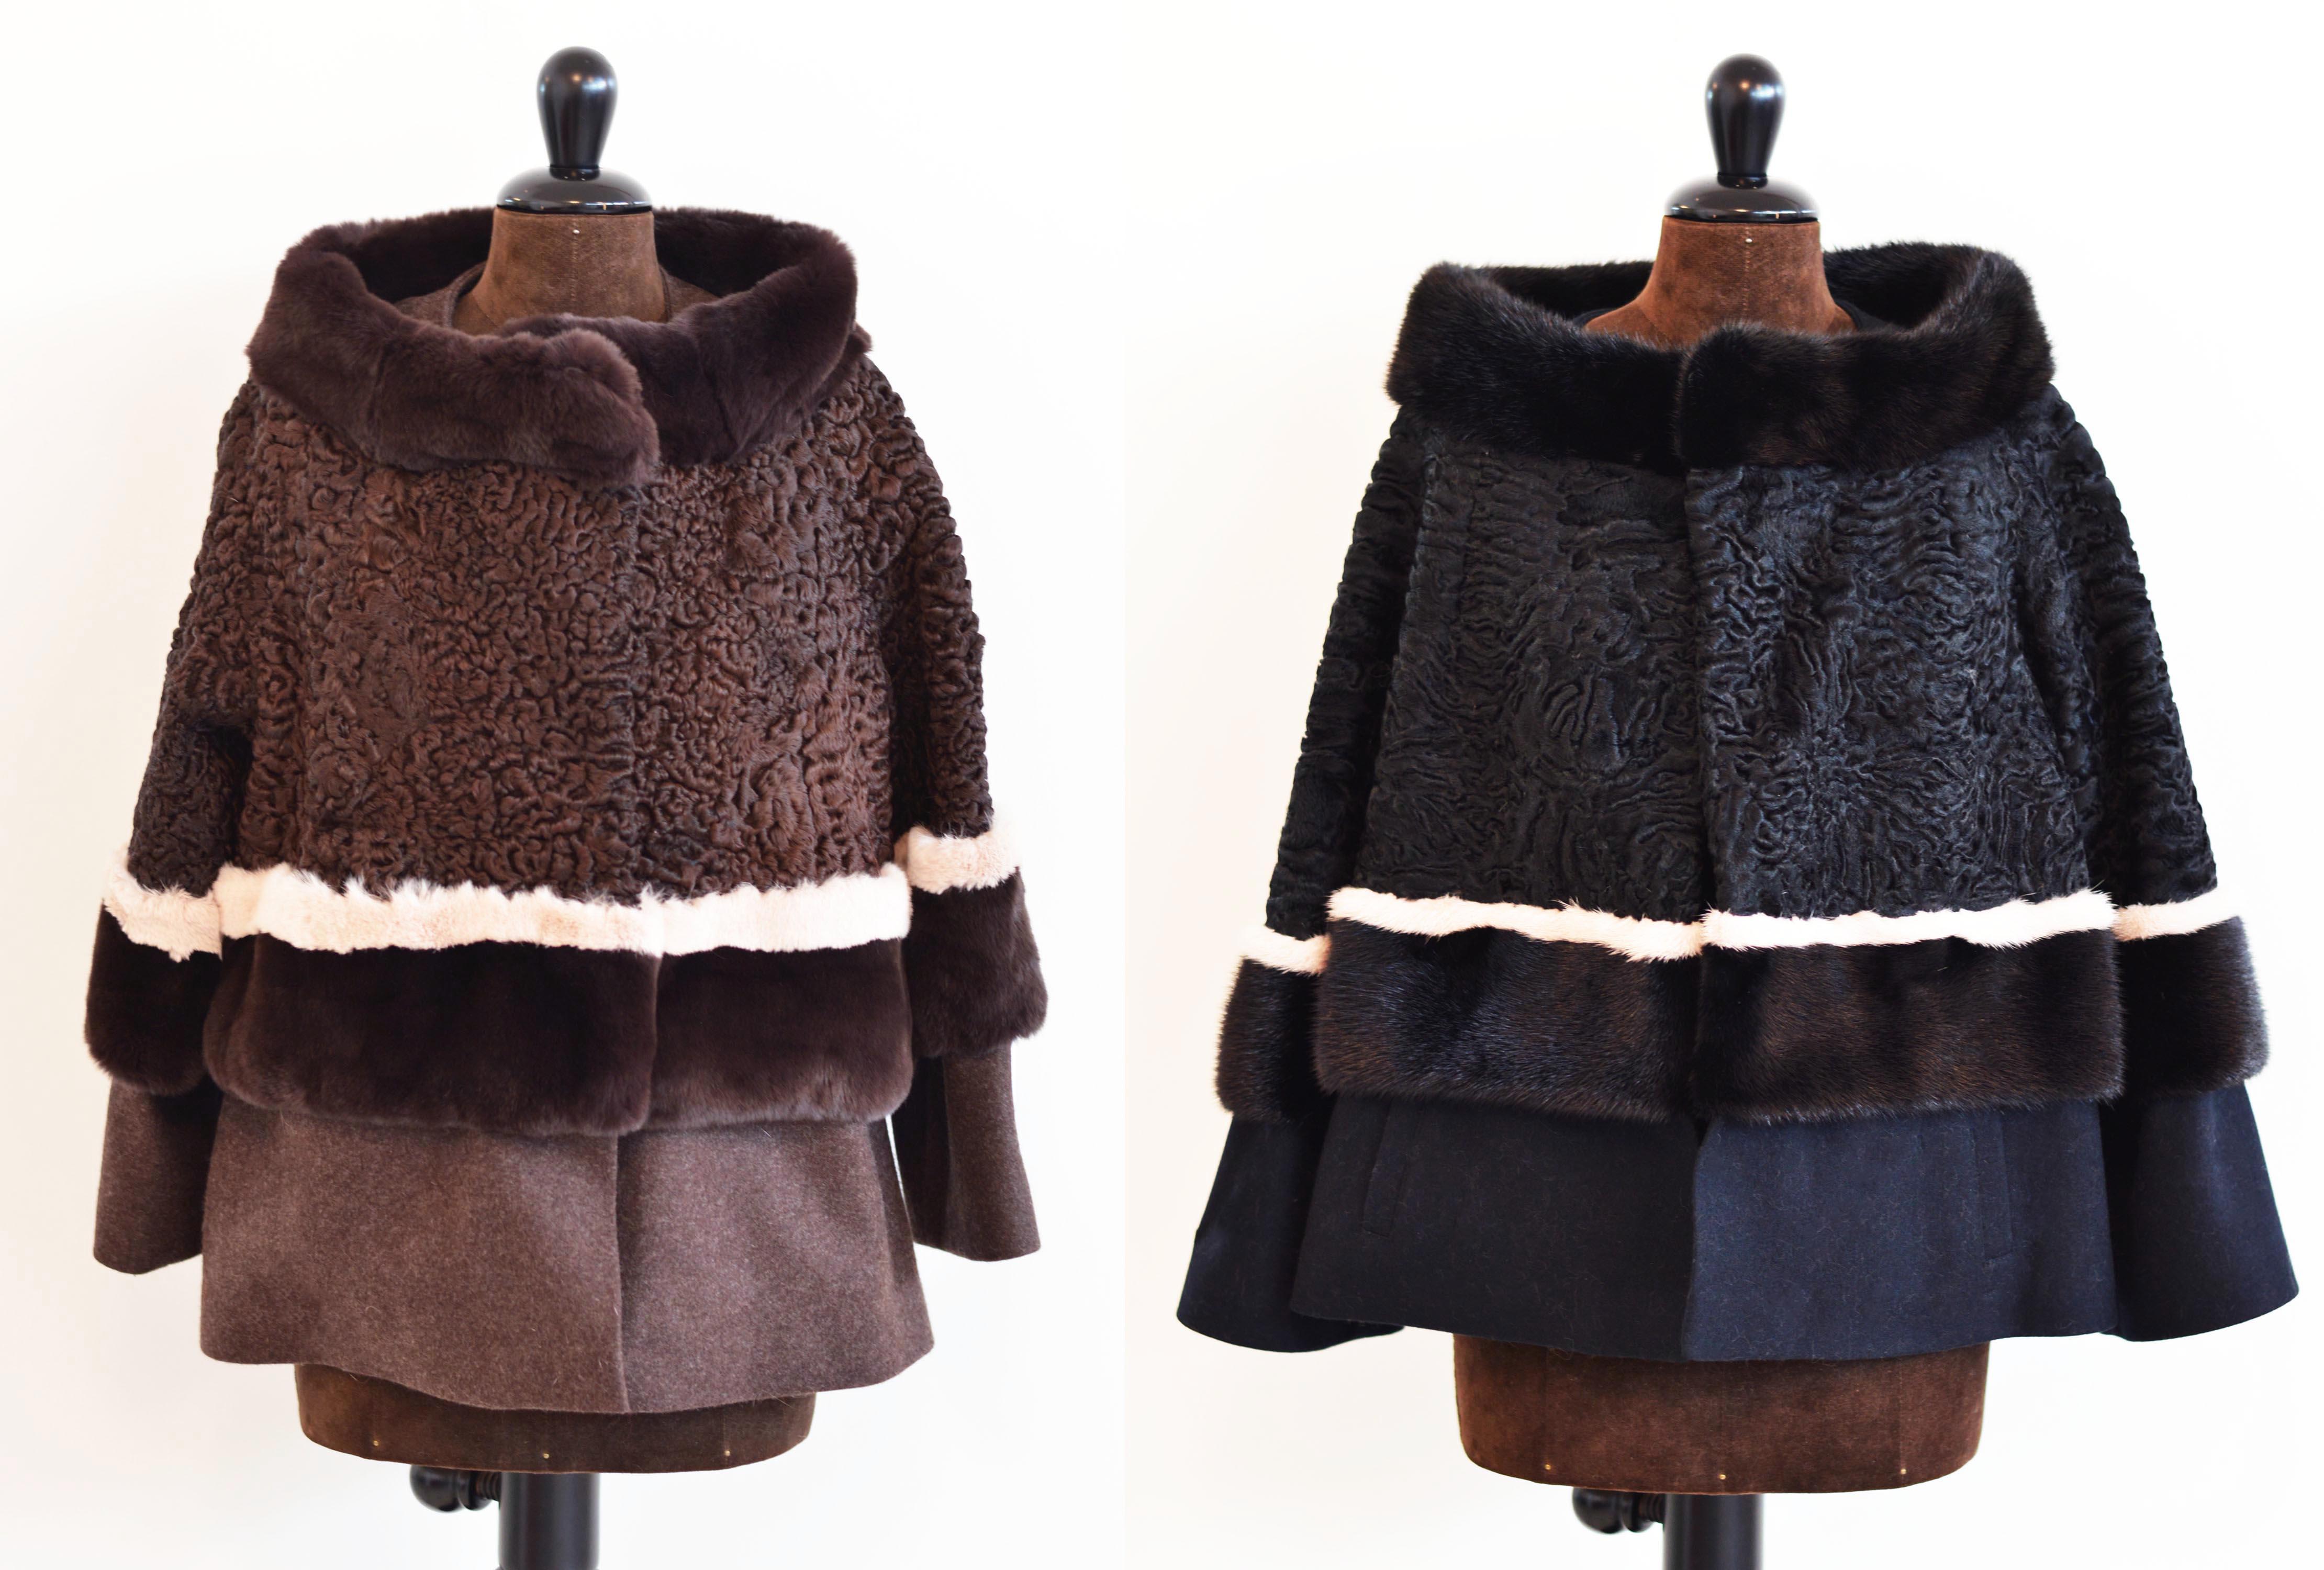 new style 132ea bb49f Come rimodernare una pelliccia di persiano: astrakan e volpe ...